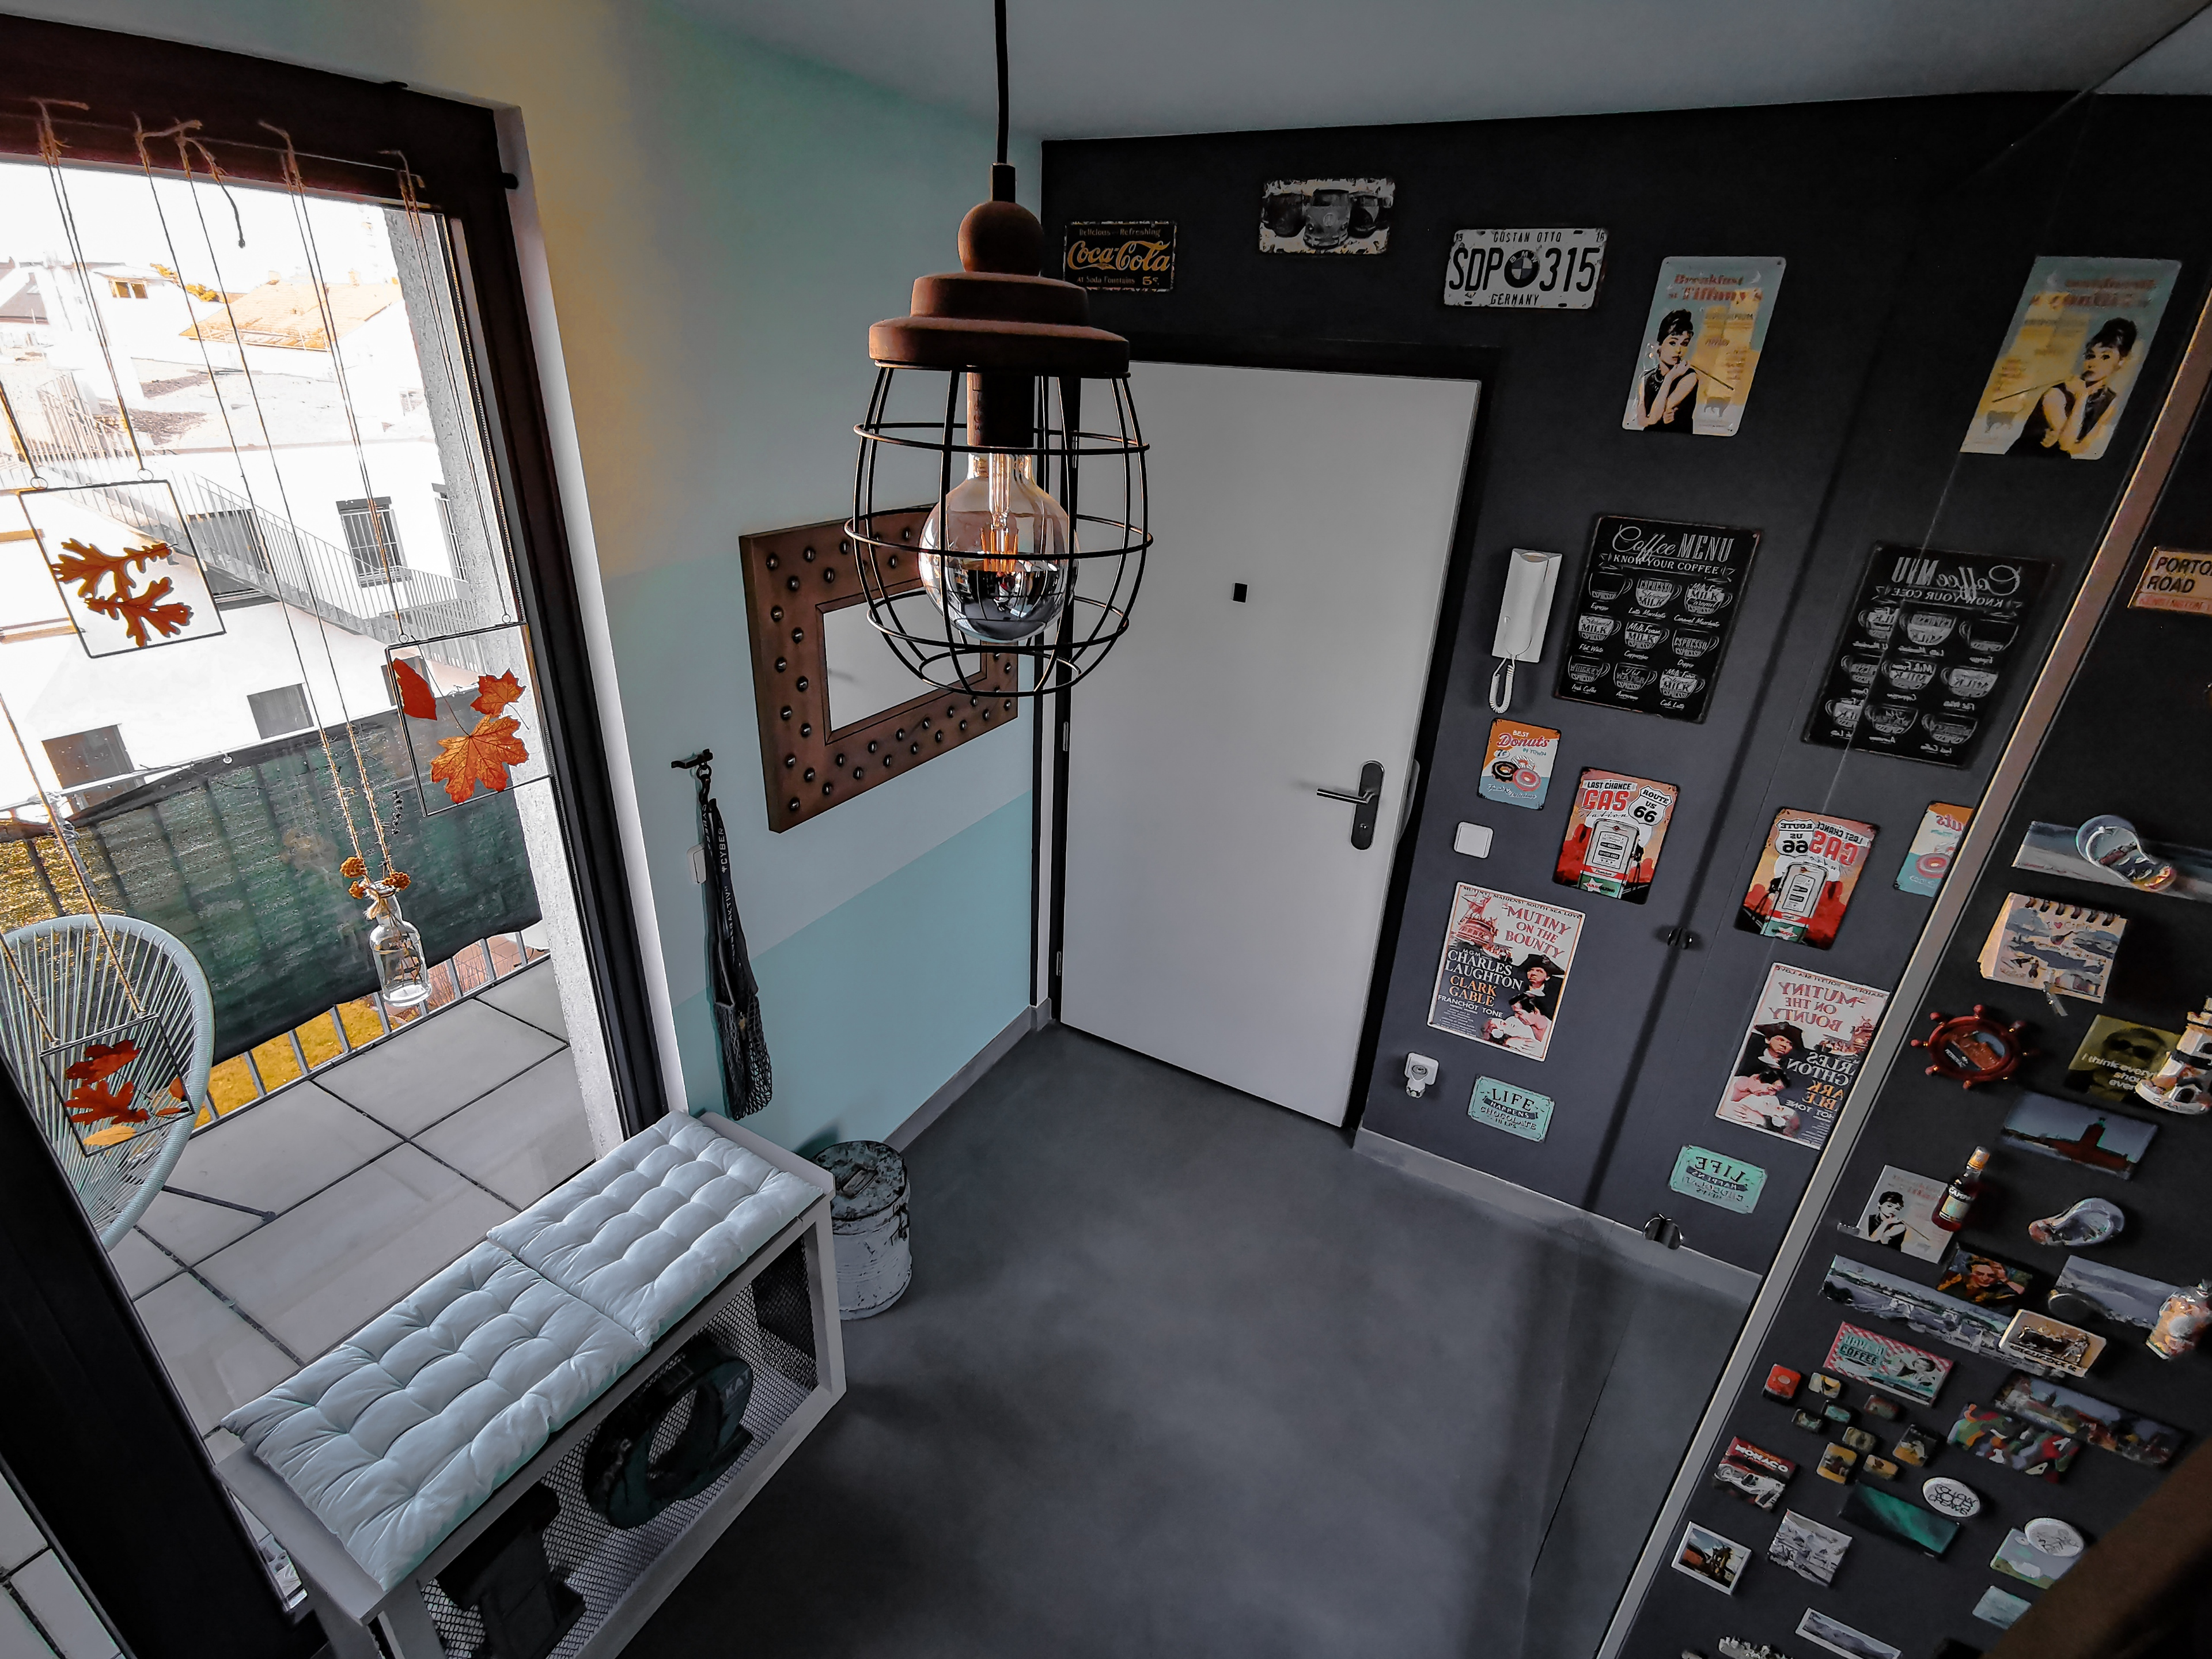 IMG 20200208 154921 resized 20200608 103628428 - Projekt Vorzimmer: 11 DIY-Ideen an einem Ort